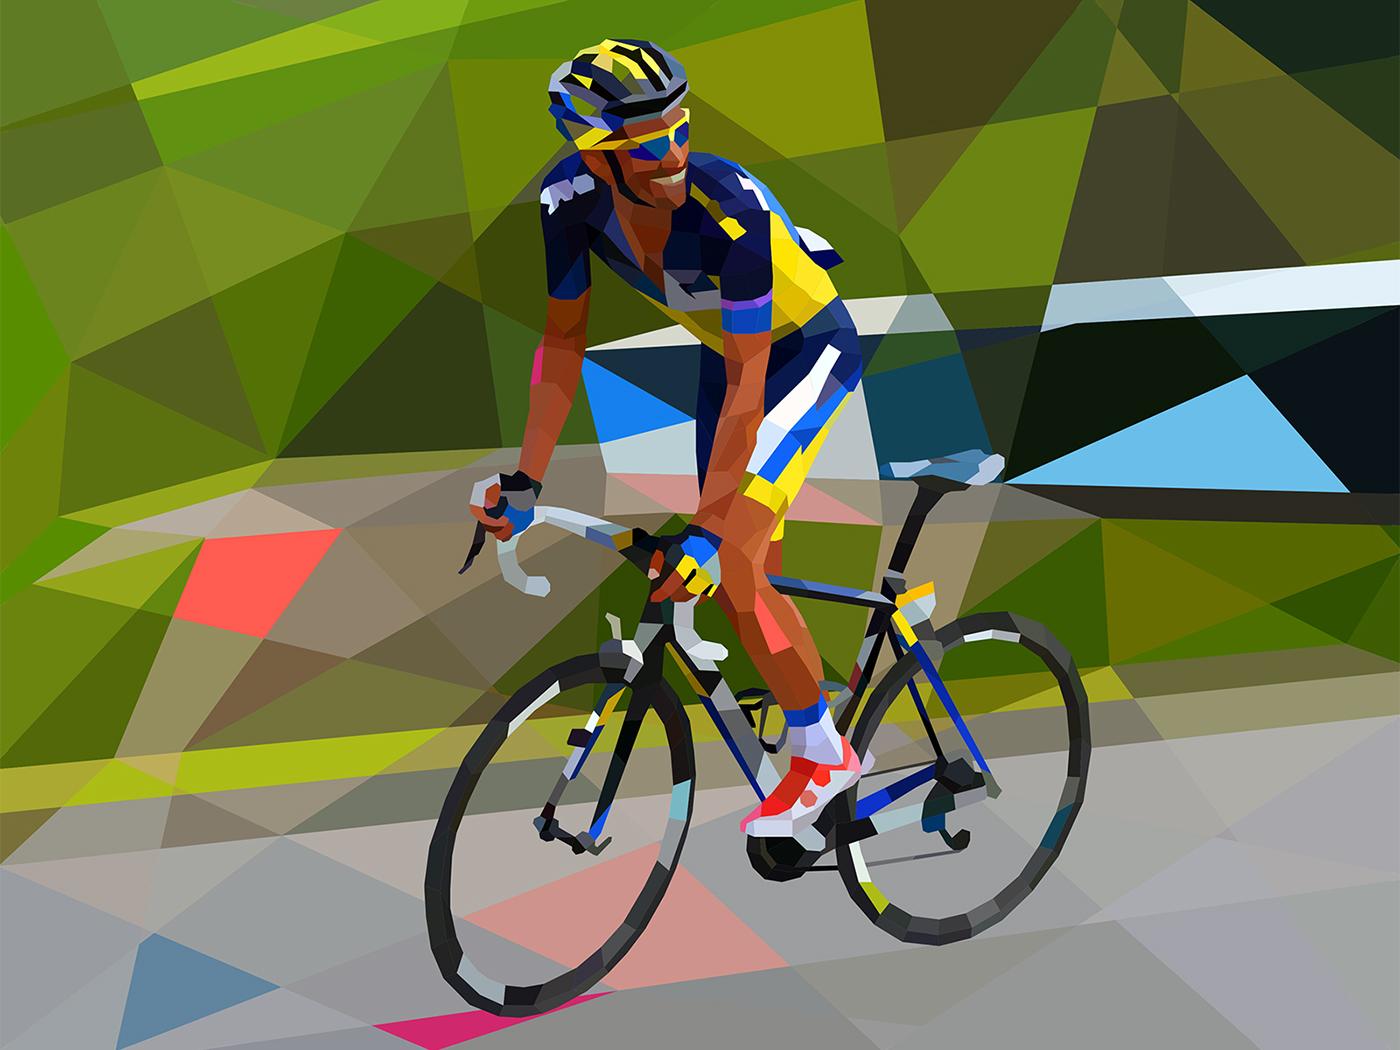 cyclists froome nibali quintana Contador Tour de France